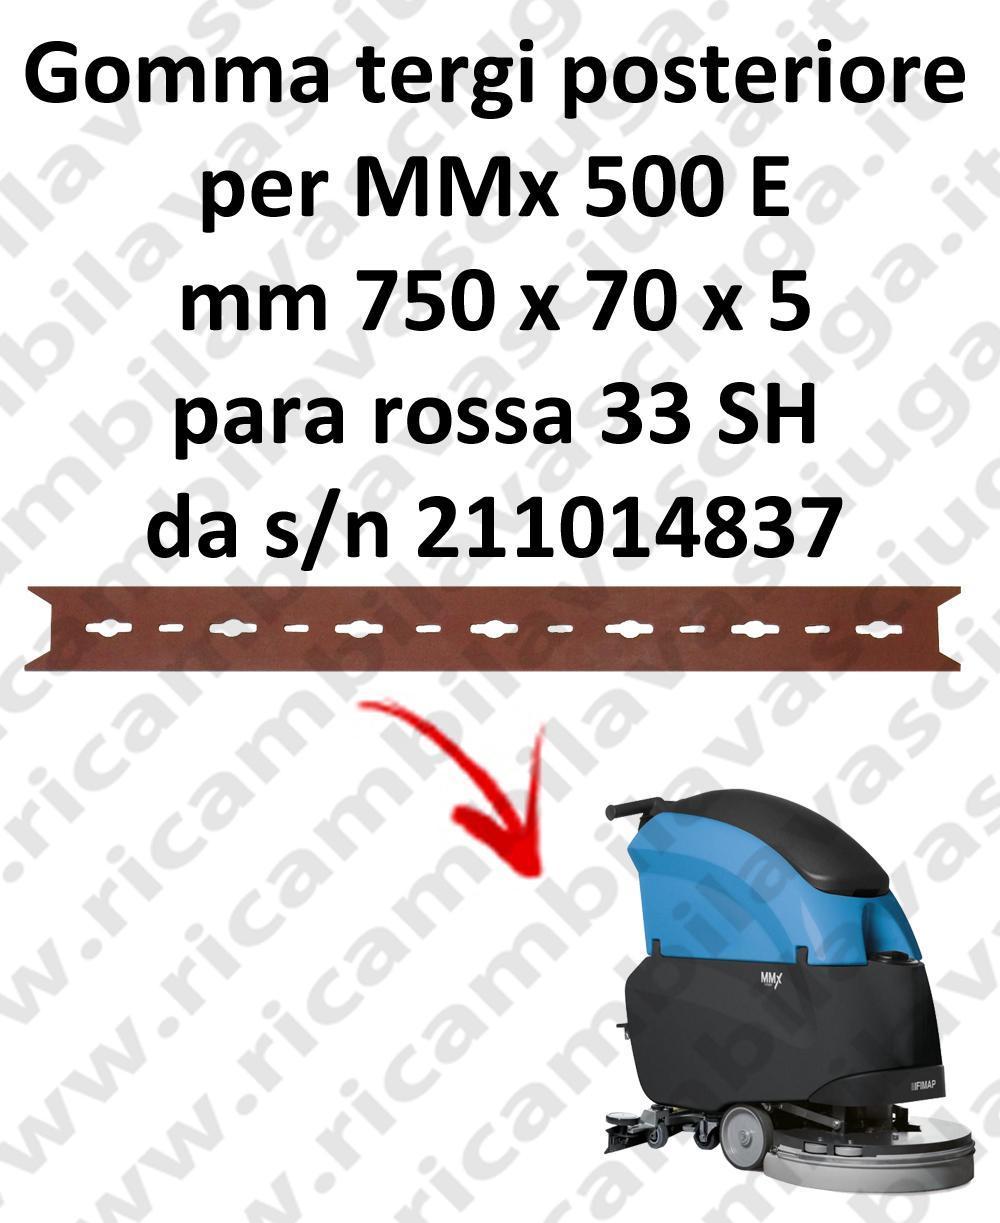 MMx 500 y goma de secado trasero para FIMAP  repuestos fregadoras squeegee